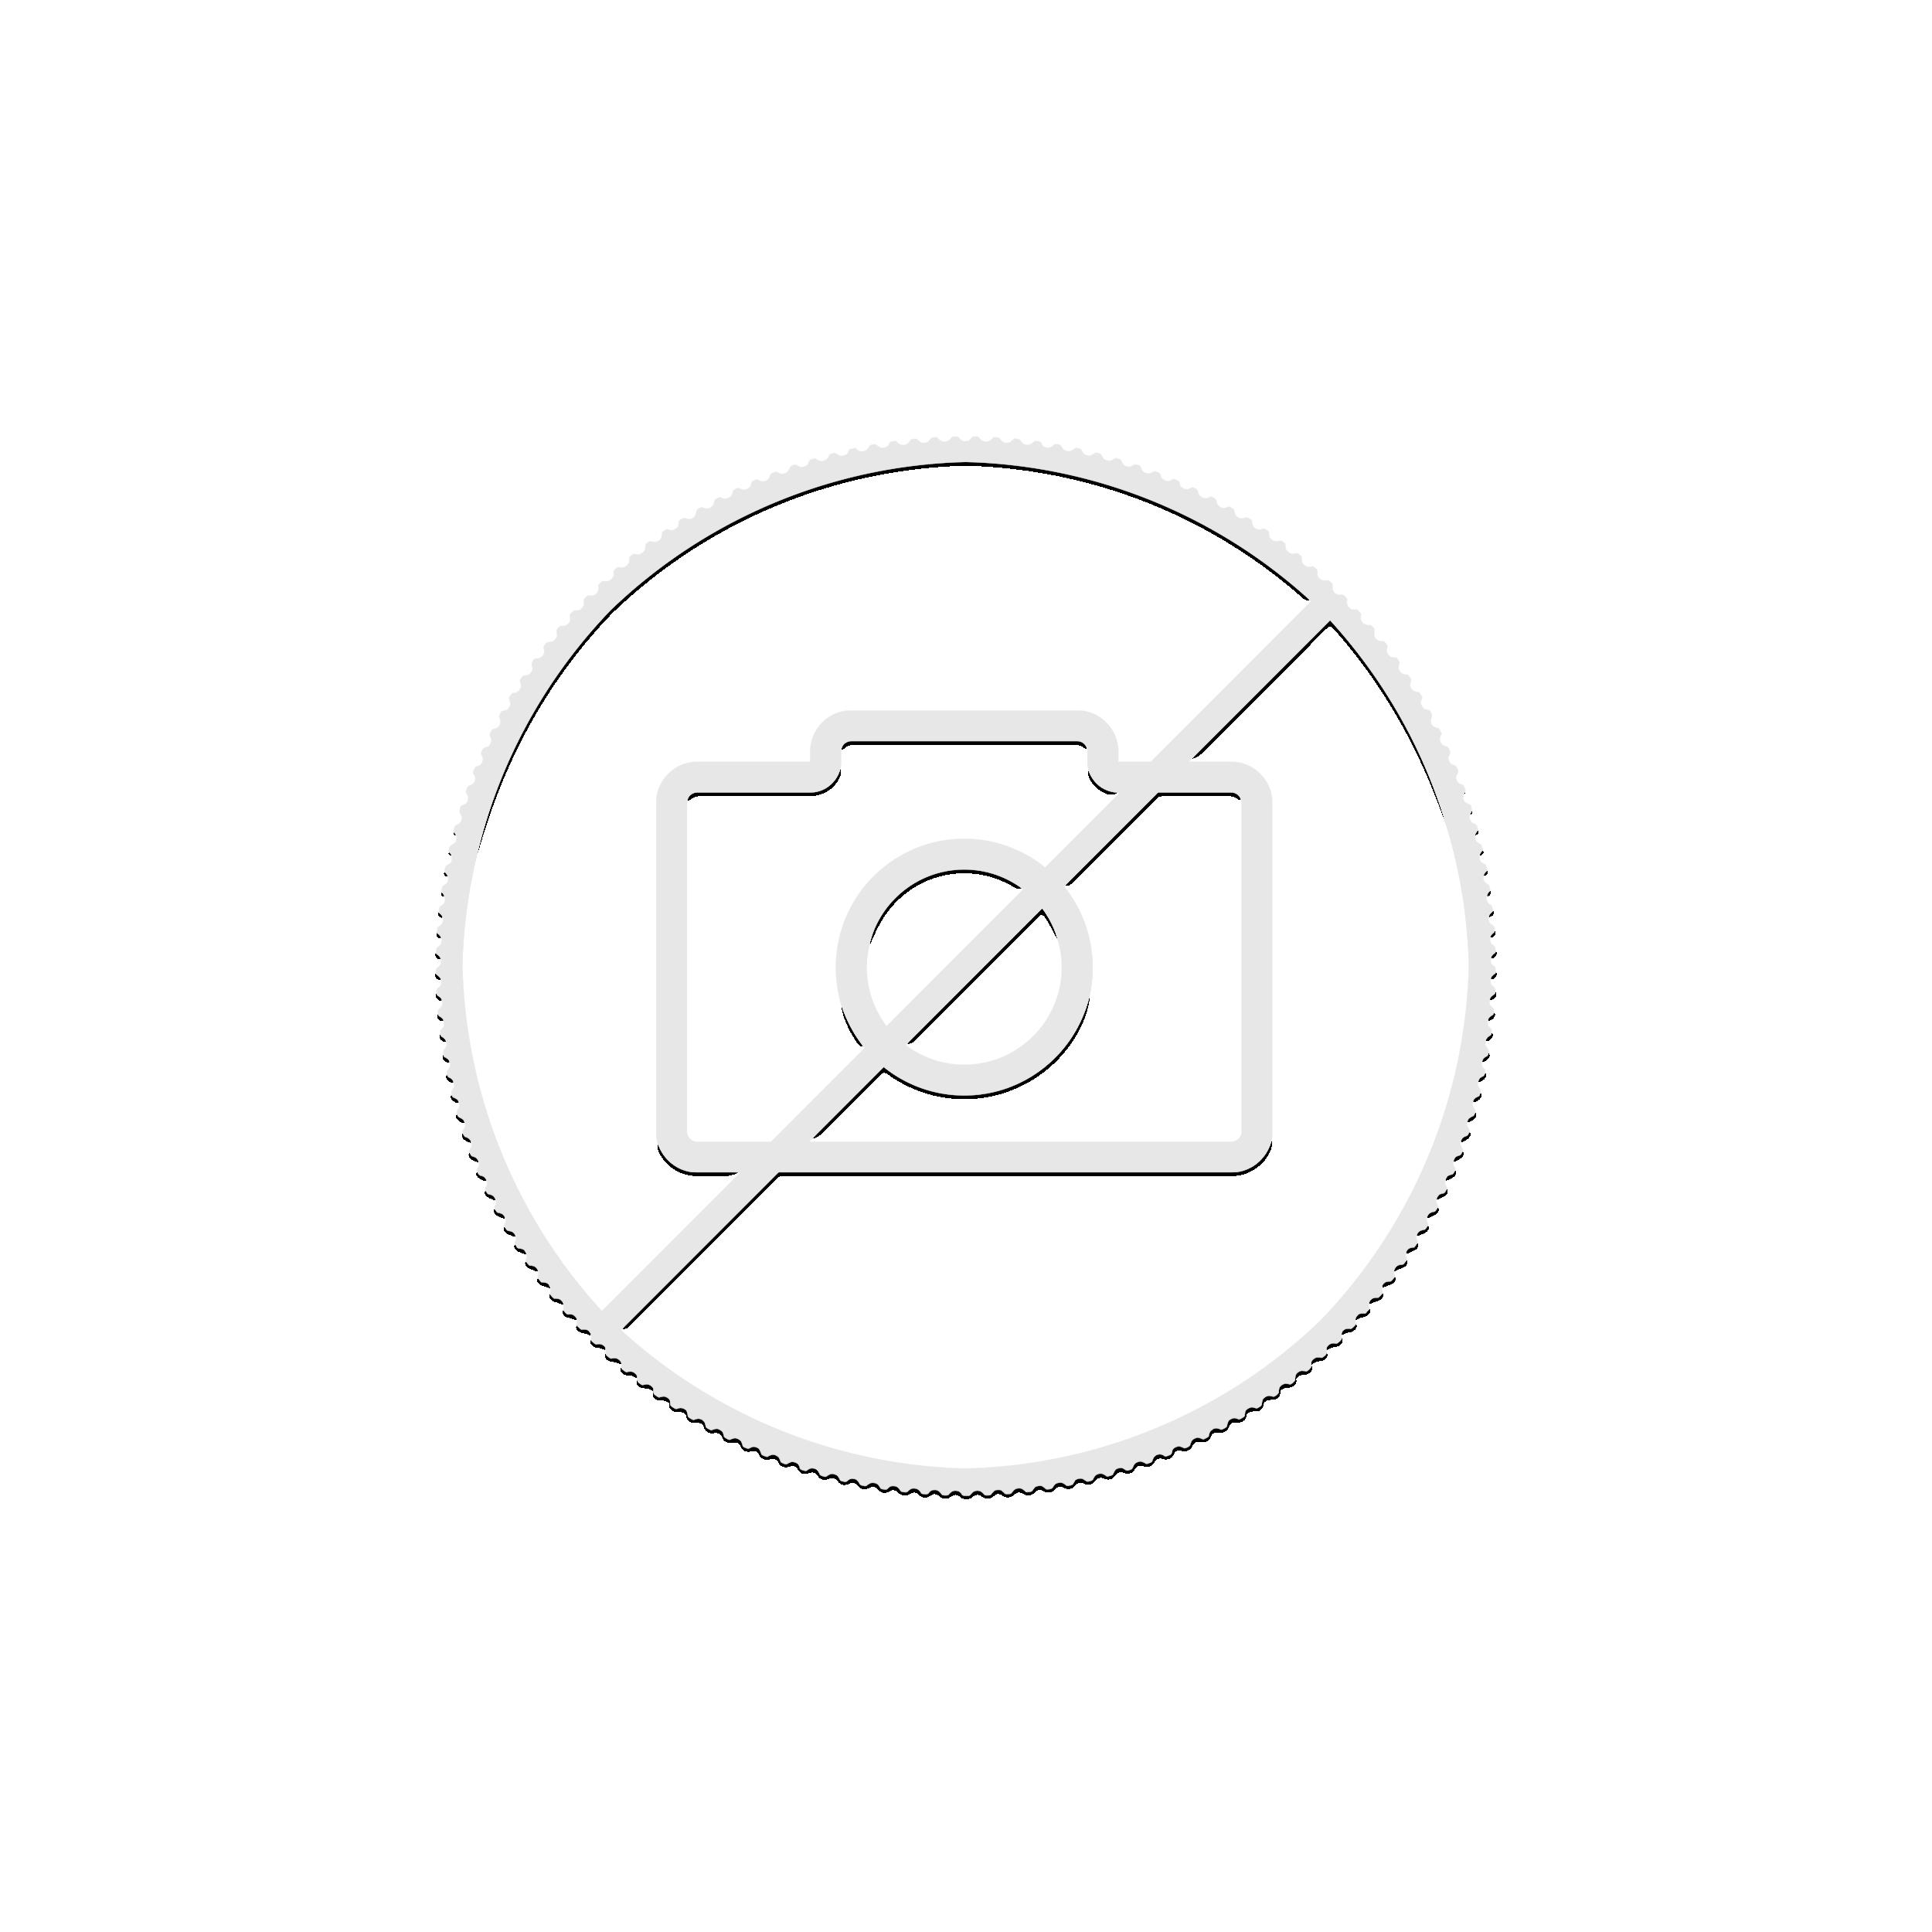 1 Troy ounce silver coin Lynx 2017